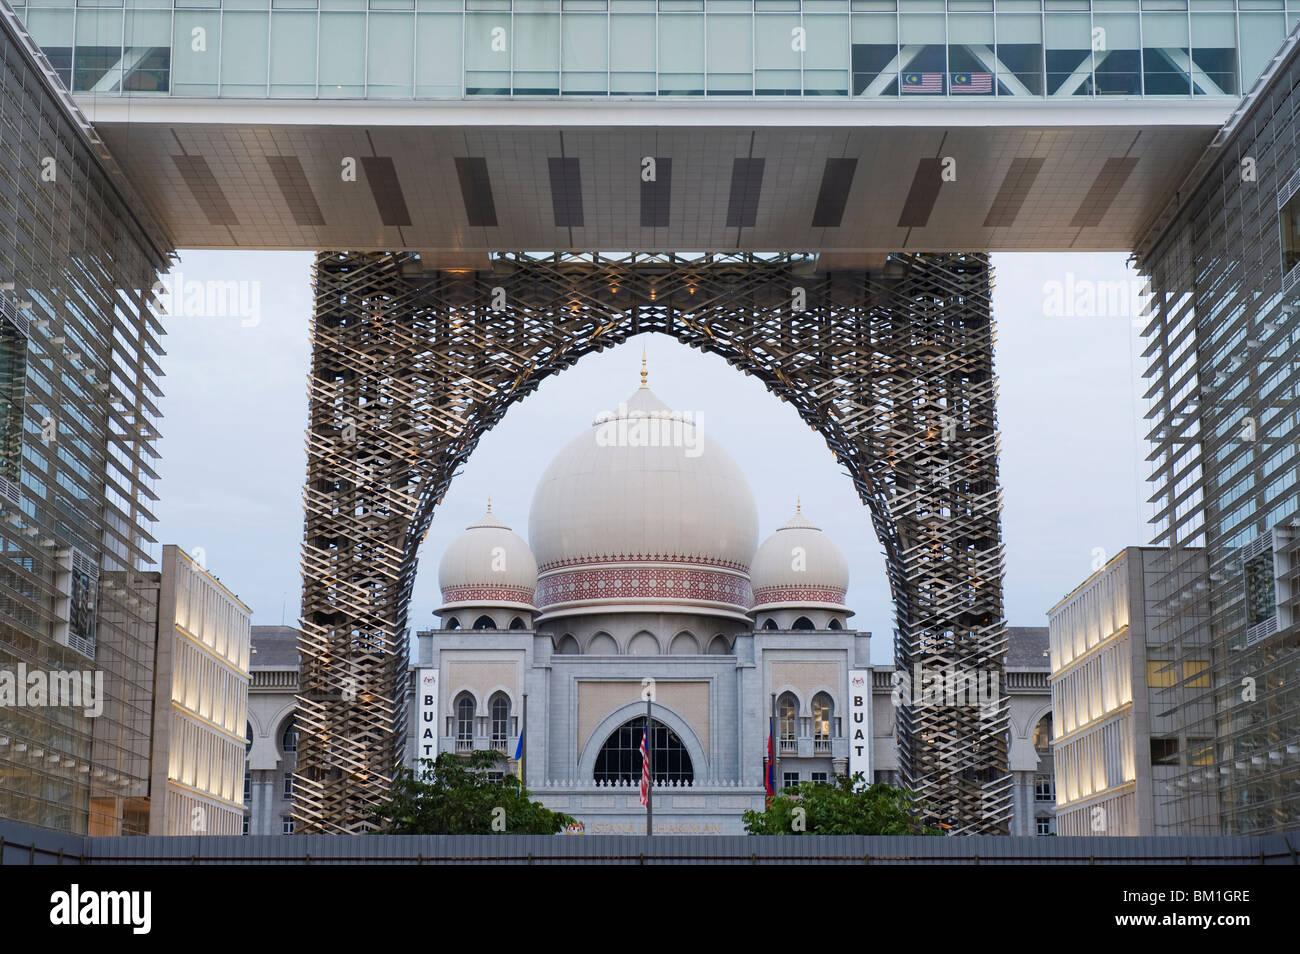 Persiaran Perdana, Putrajaya Corporation Complex, Putrajaya, Malaysia, Southeast Asia, Asia - Stock Image